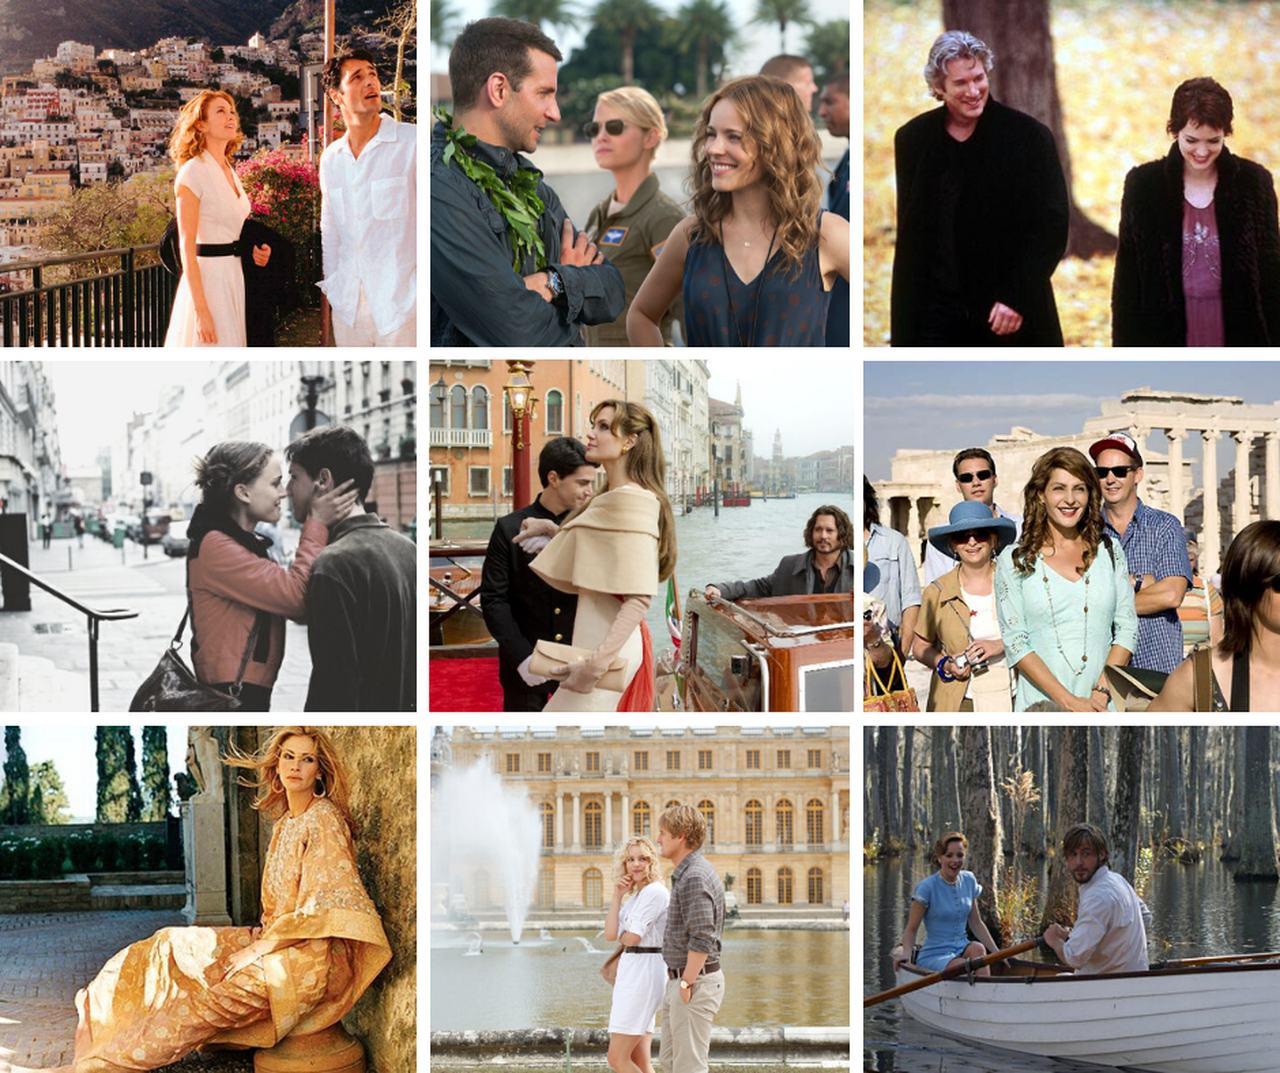 Filmes que inspiram viagens românticas